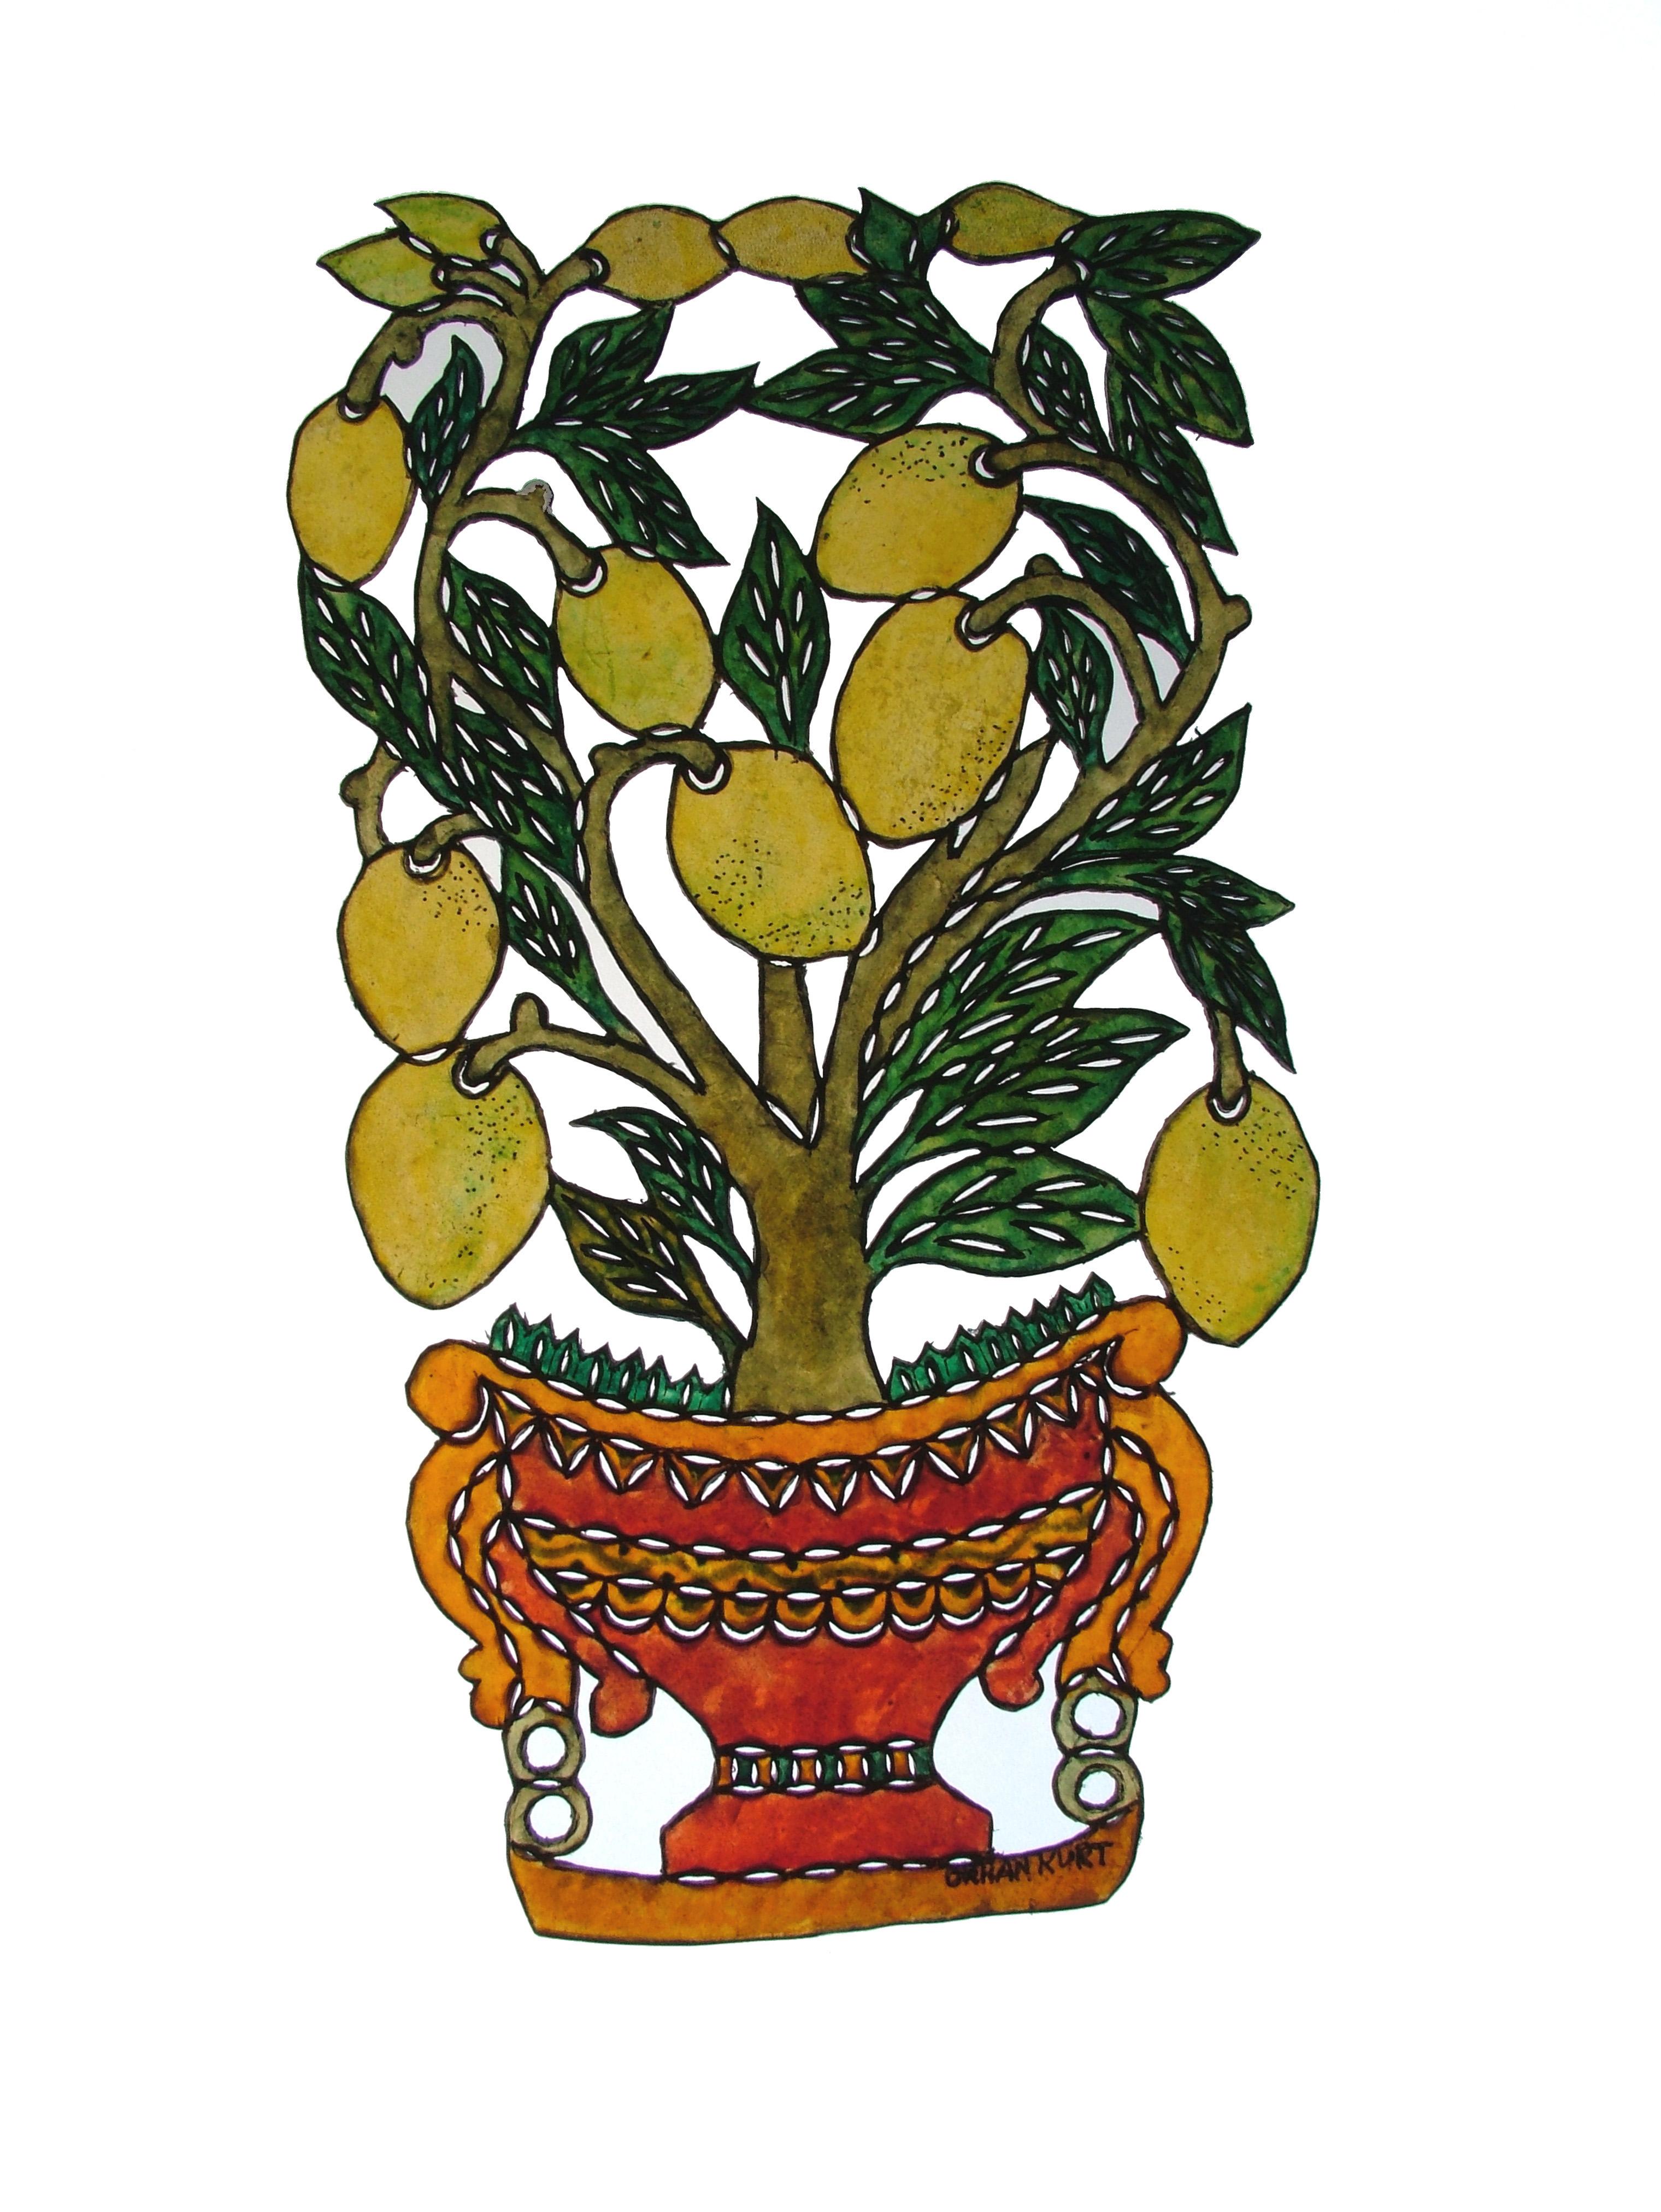 Un décor d'un citronier, une figurine d'ombre pour le théâtre d'ombres turc, karagöz. Photo réproduite avec l'aimable autorisation de UNIMA Turkey (UNIMA Turkiye)